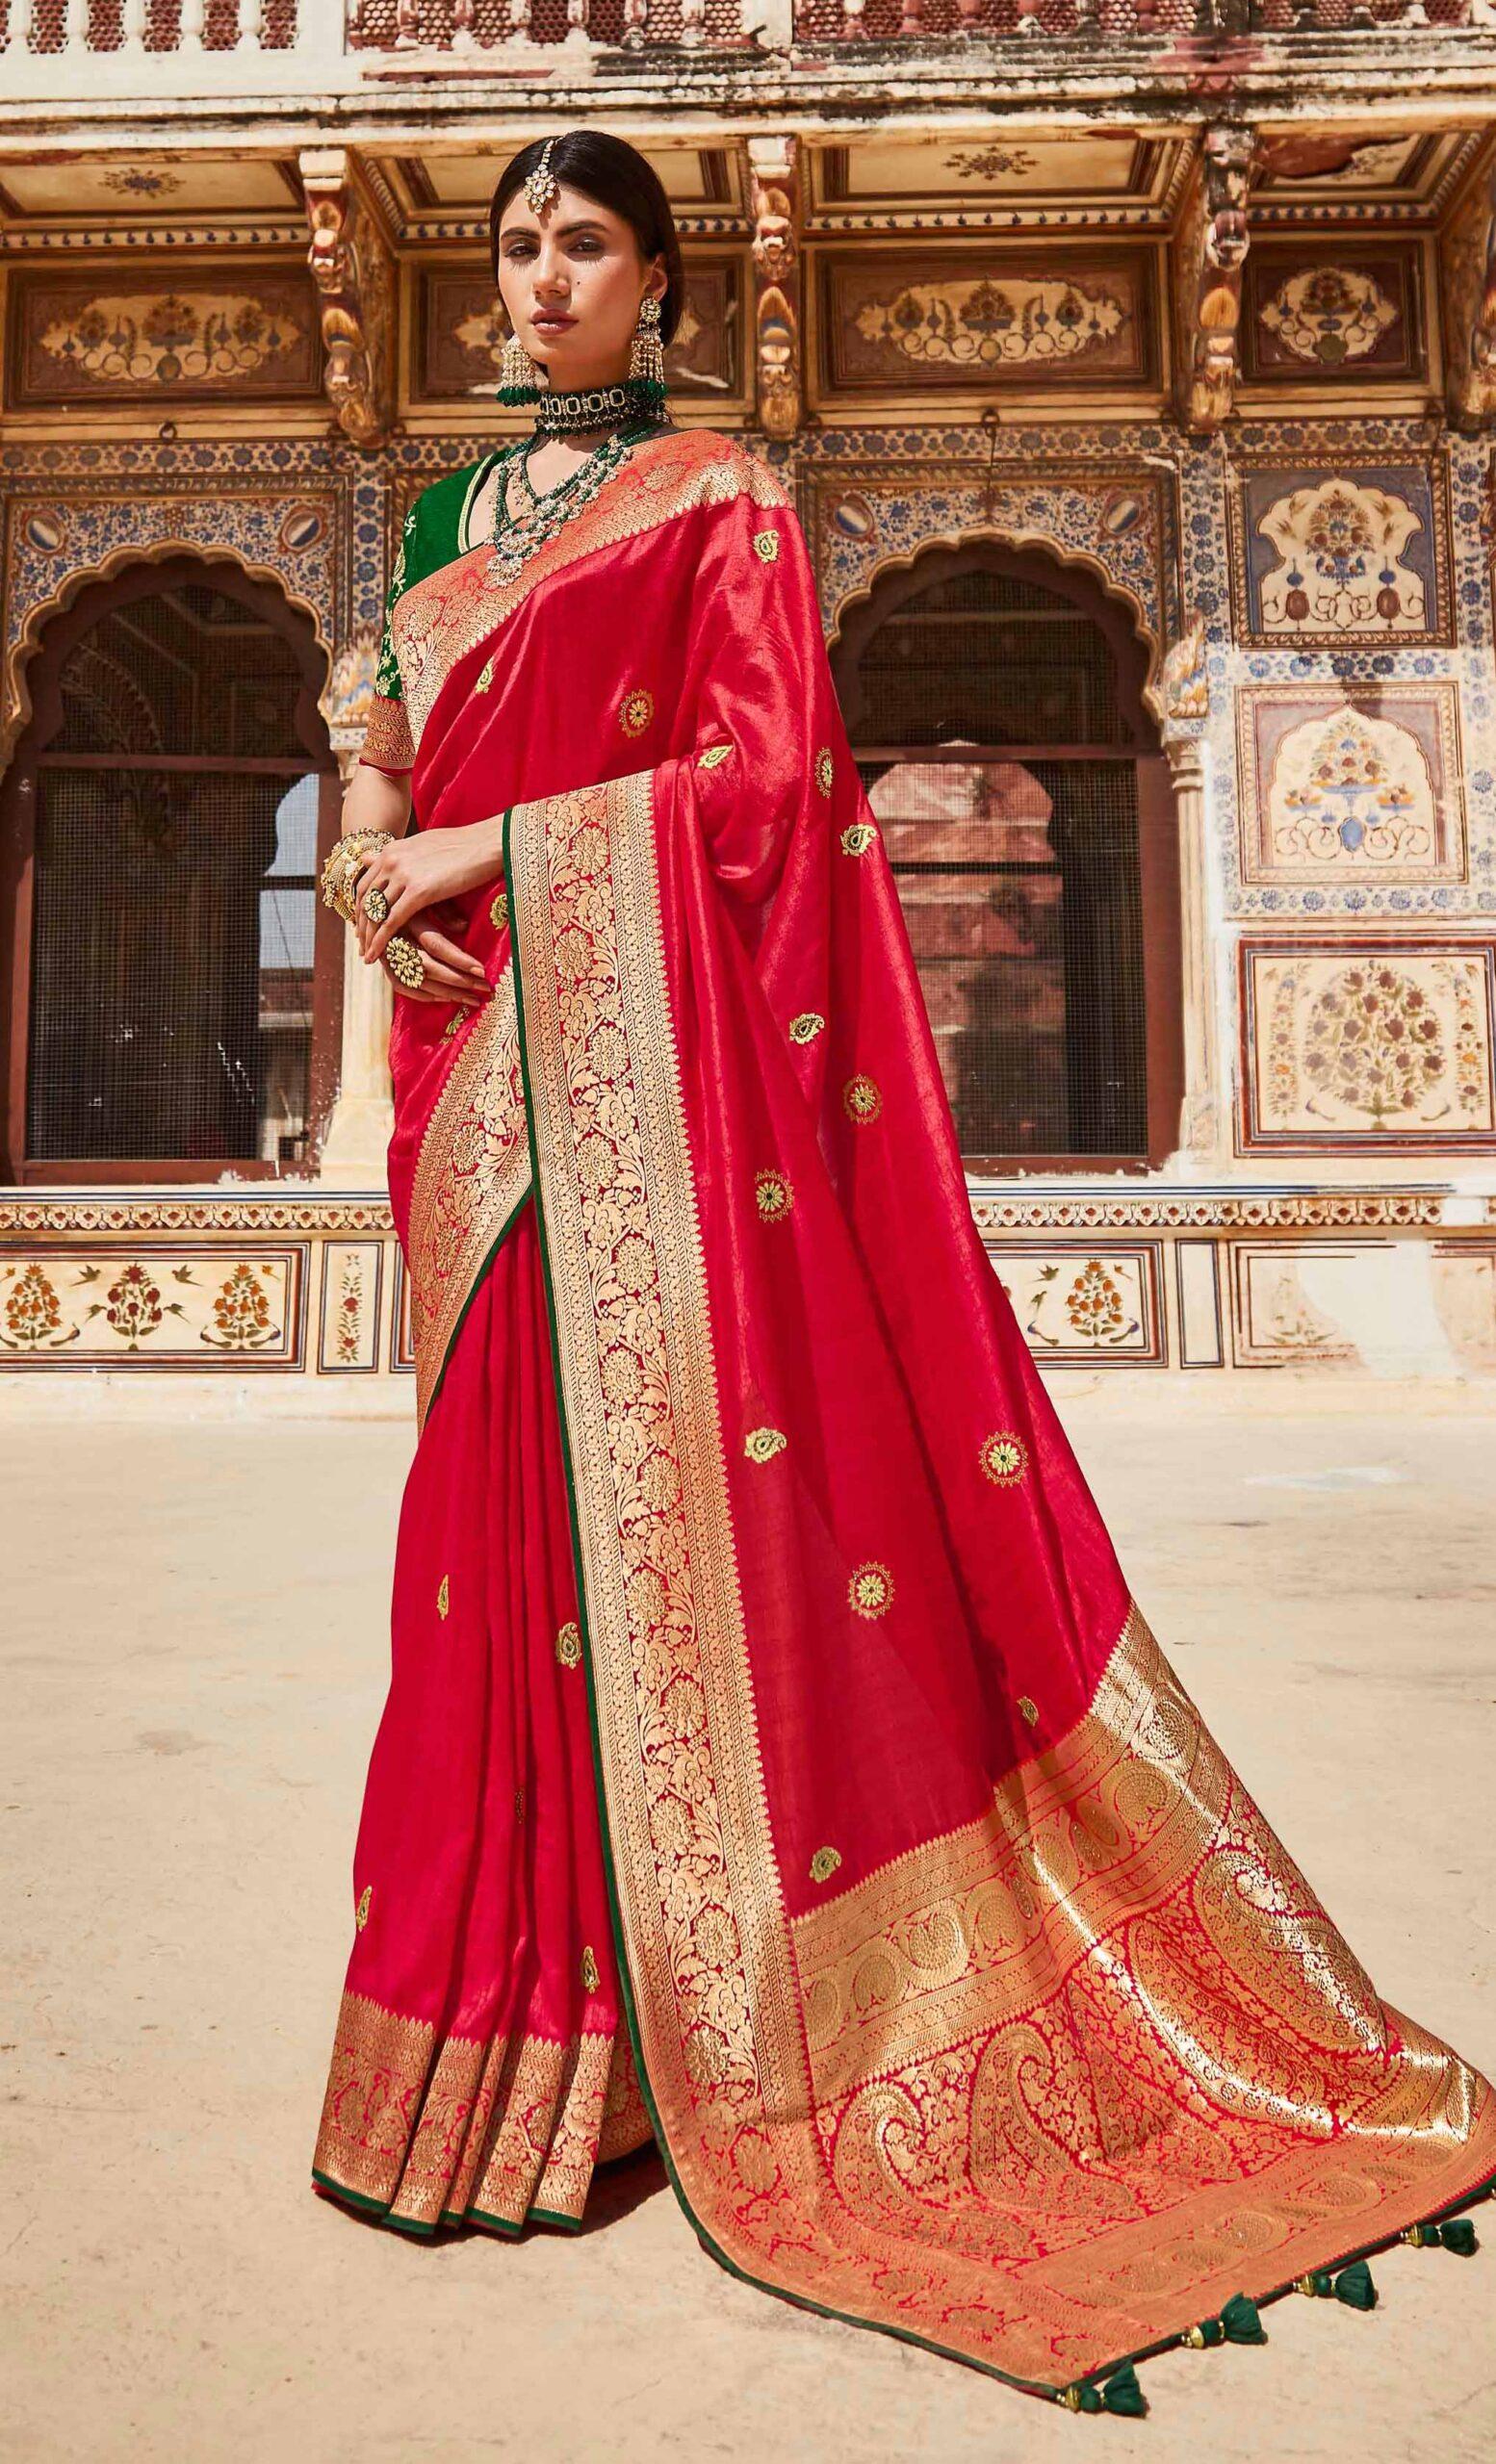 Designer Blouse with Saree Banarasi